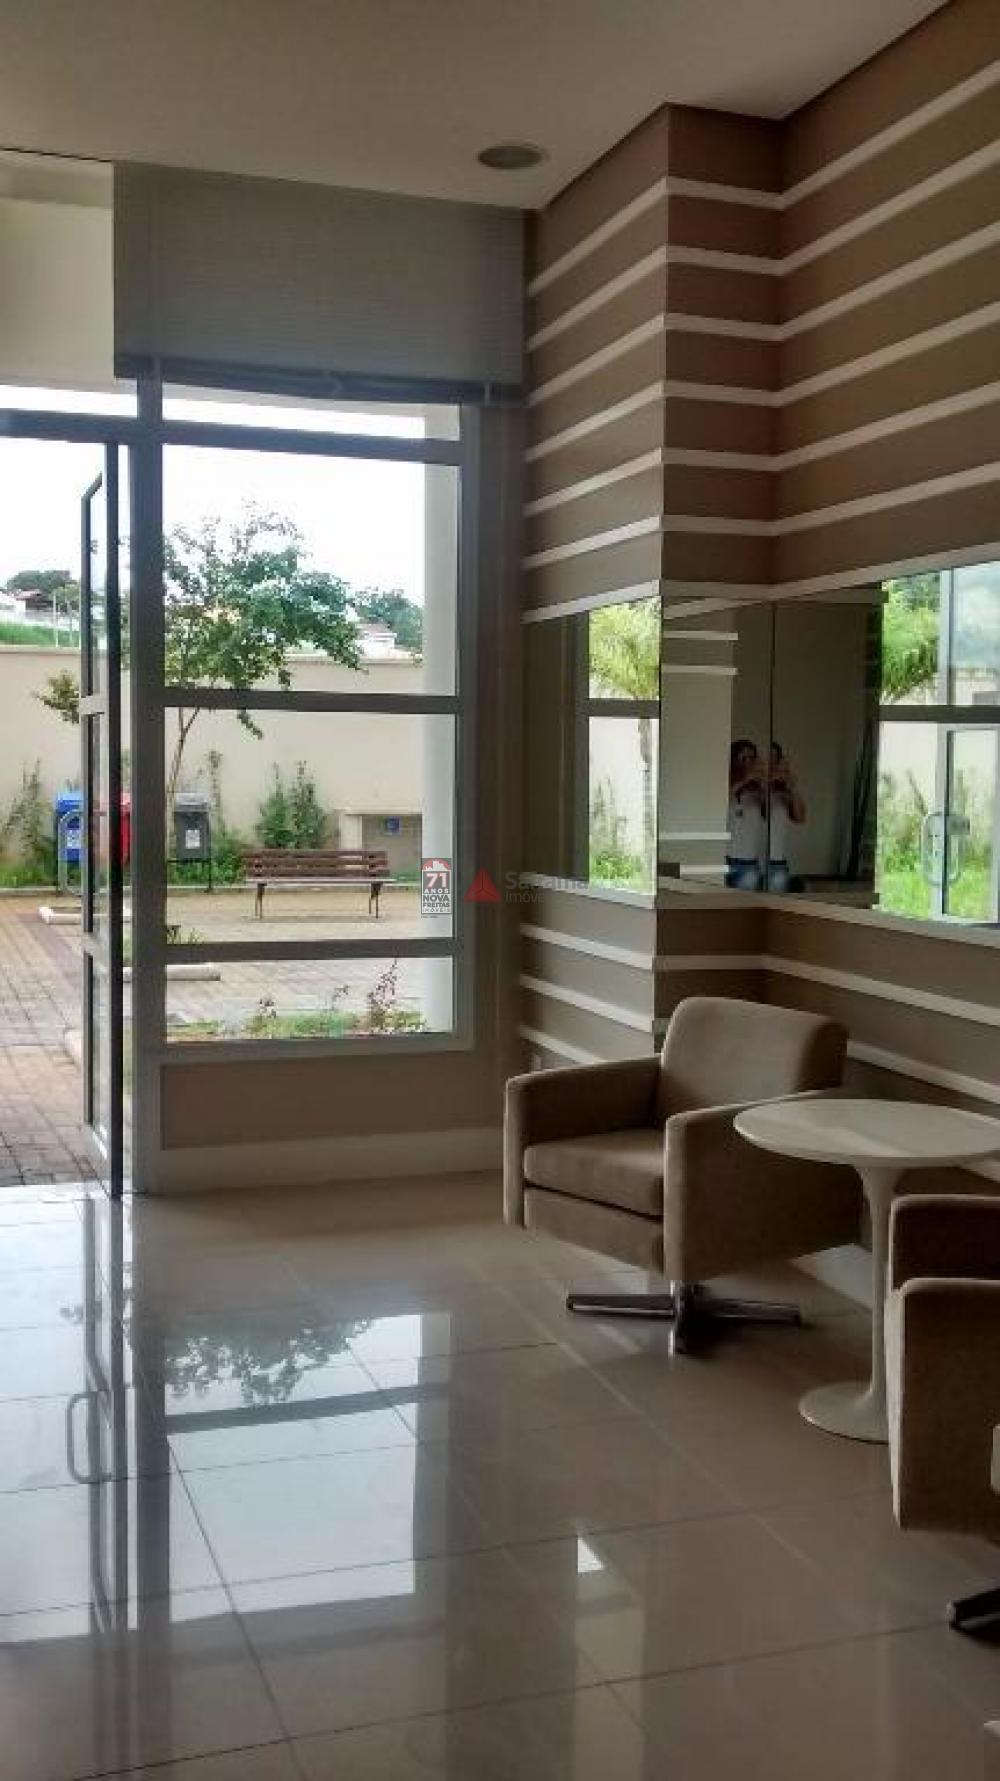 Comprar Apartamento / Padrão em São José dos Campos apenas R$ 315.000,00 - Foto 20